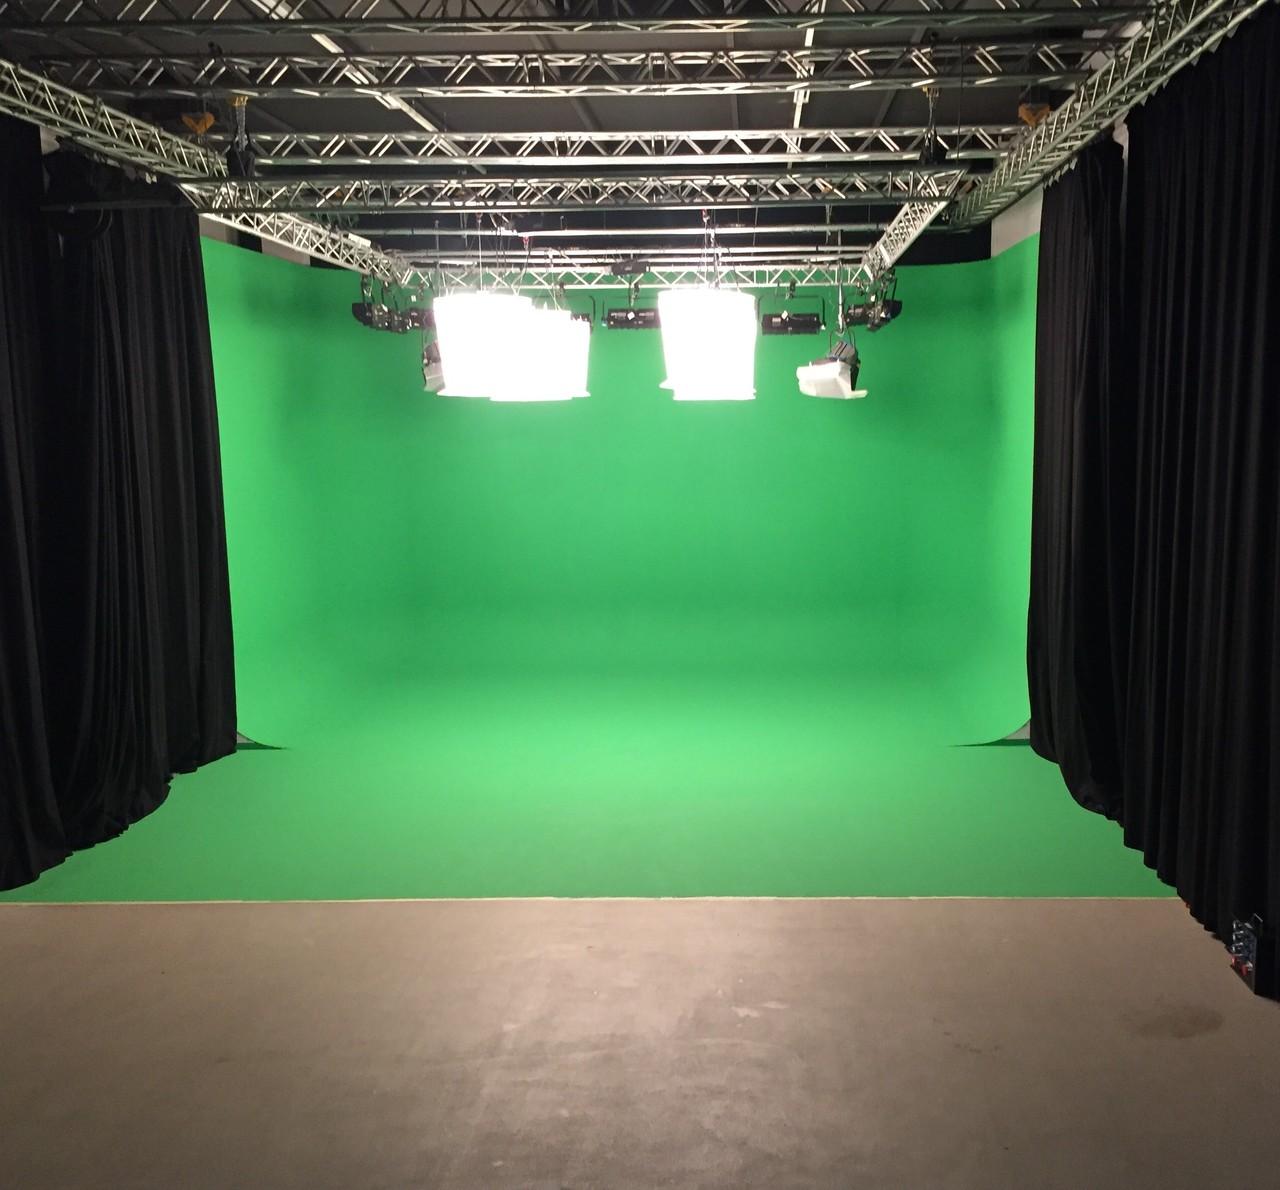 TMT Filmstudio 1 mit Greenbox für Green Screen